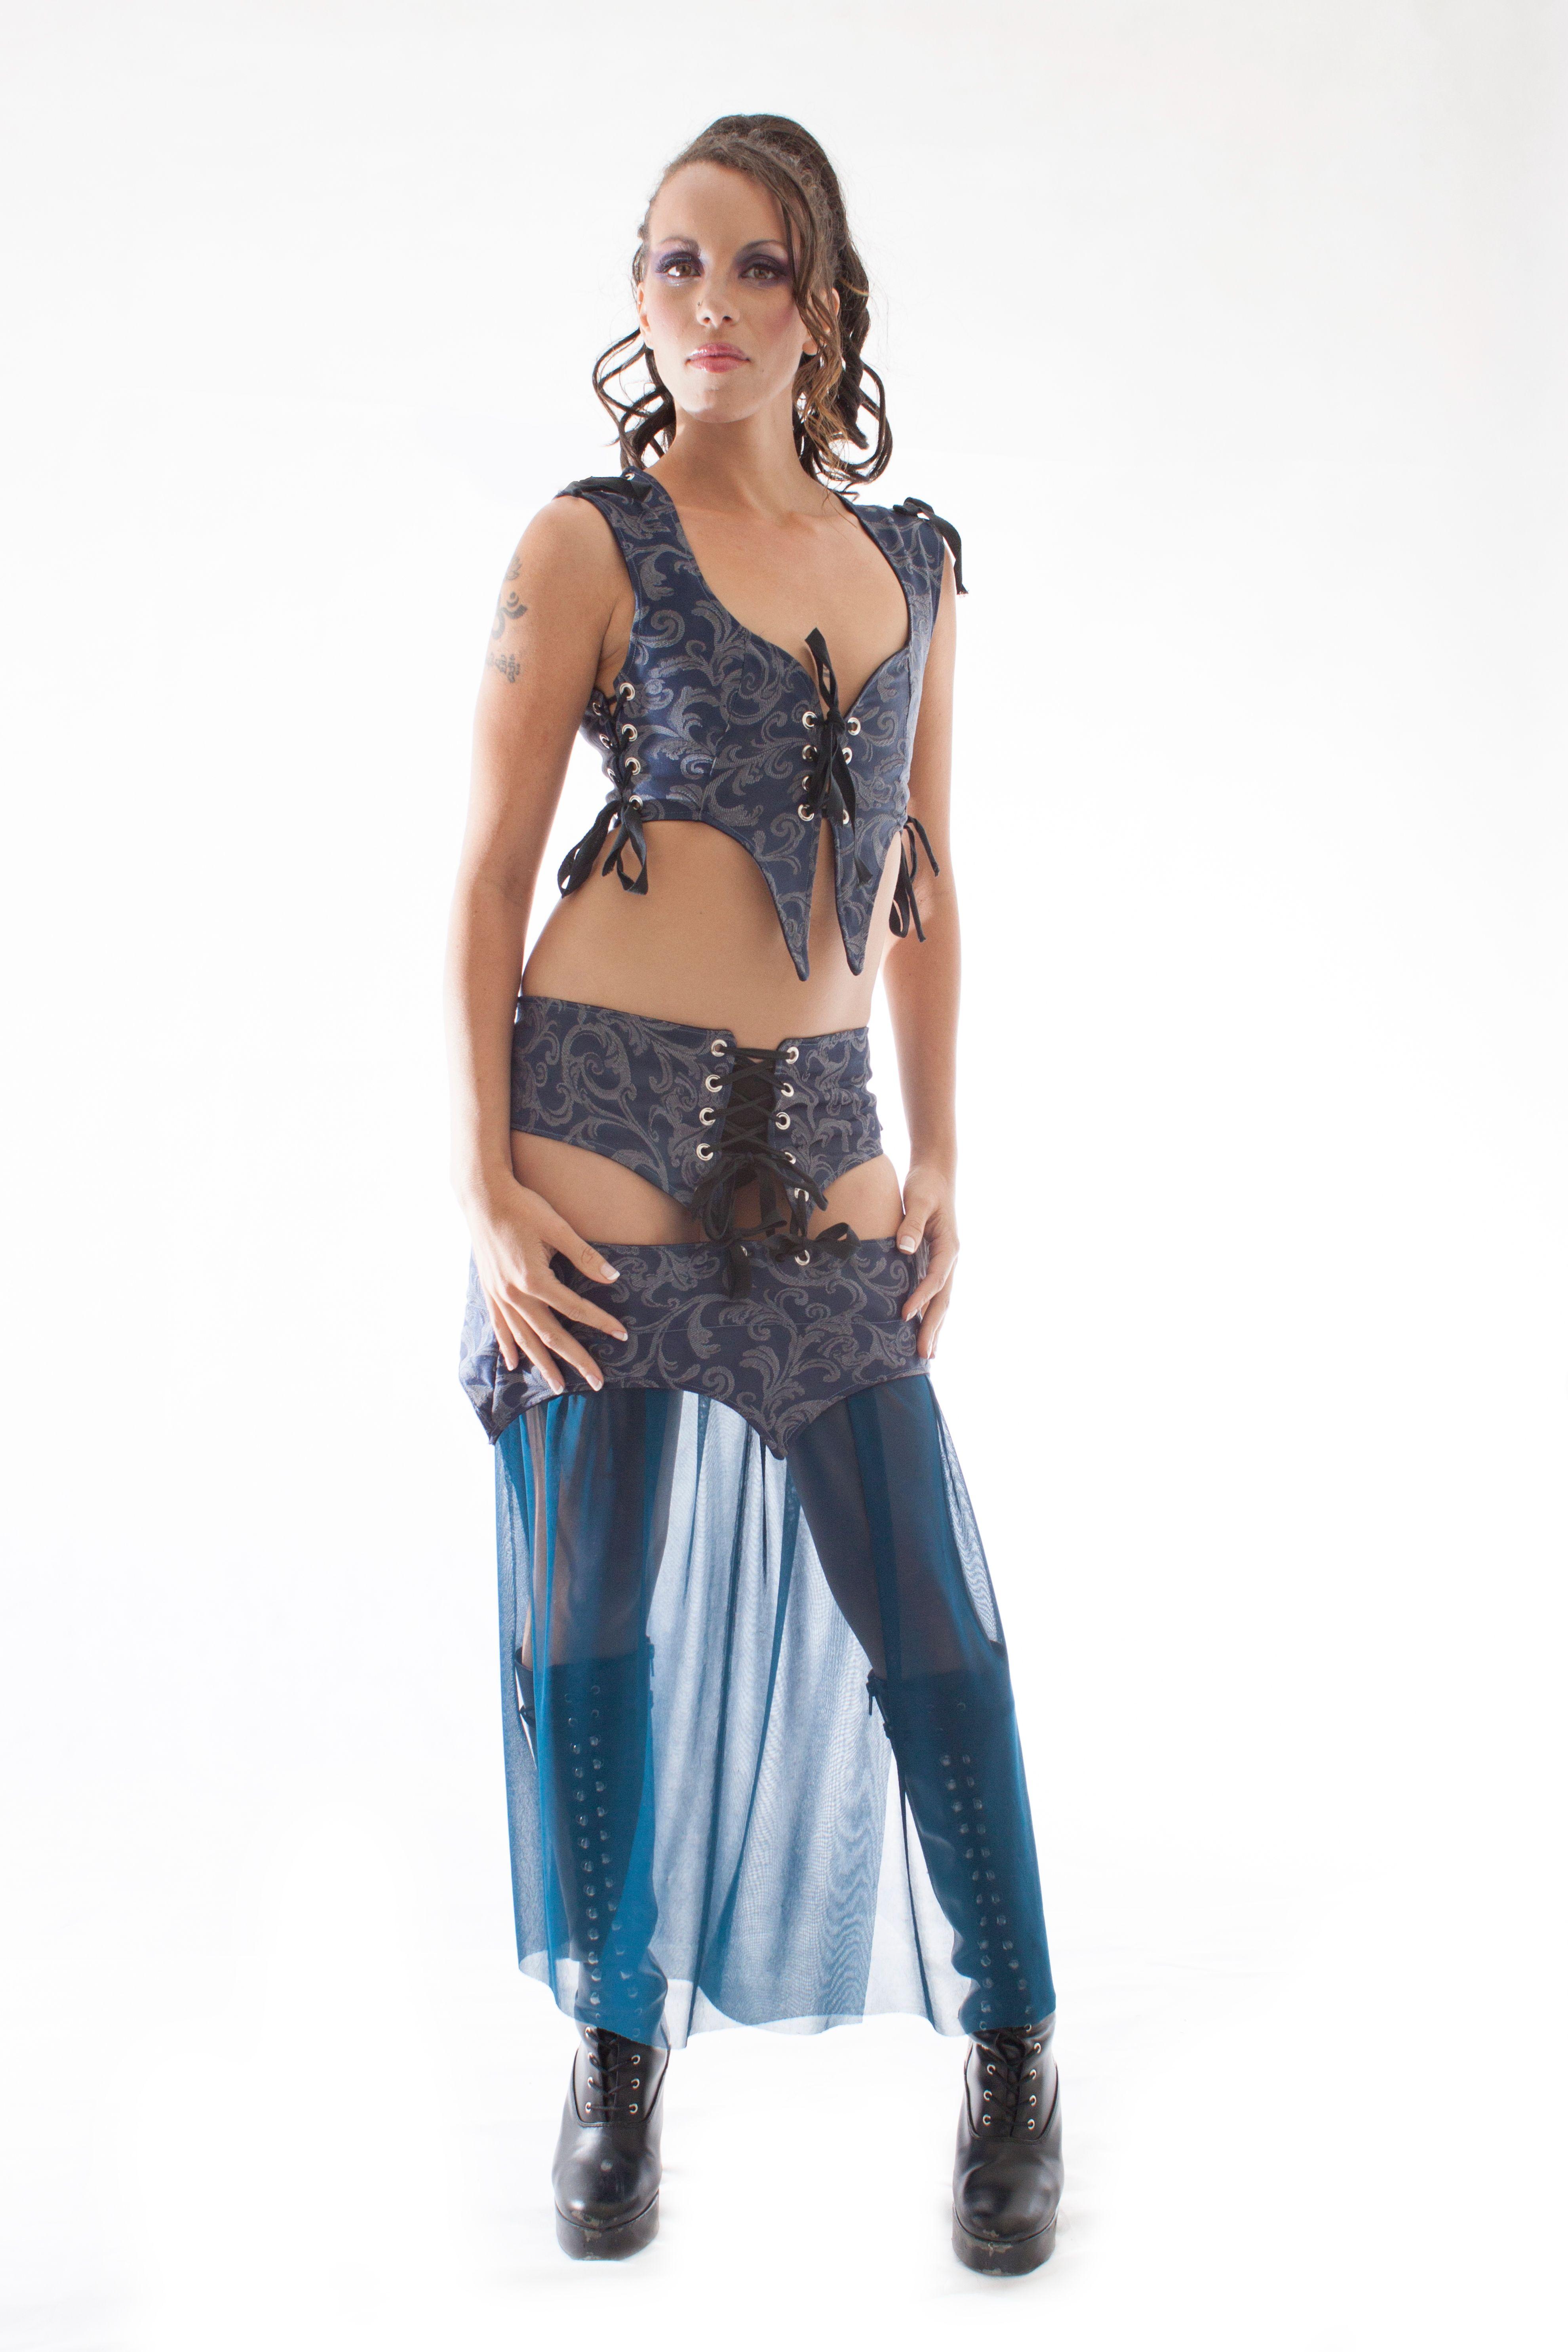 Blue Gypsy Dream Outfit by Firelight Fashions. www.firelightfashions.com